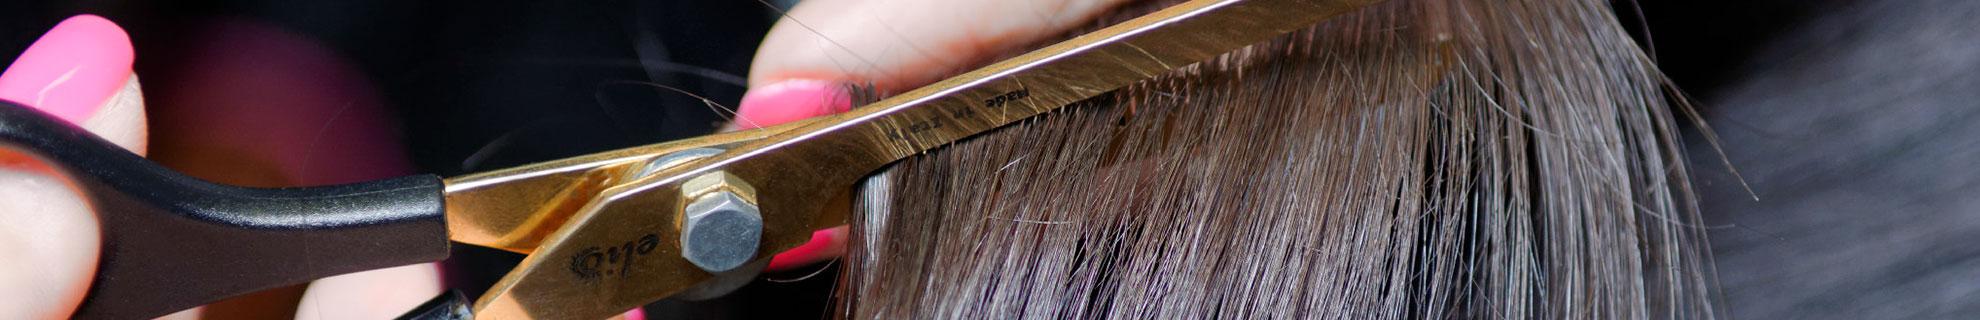 Forbice per capelli Elio - Made in Italy